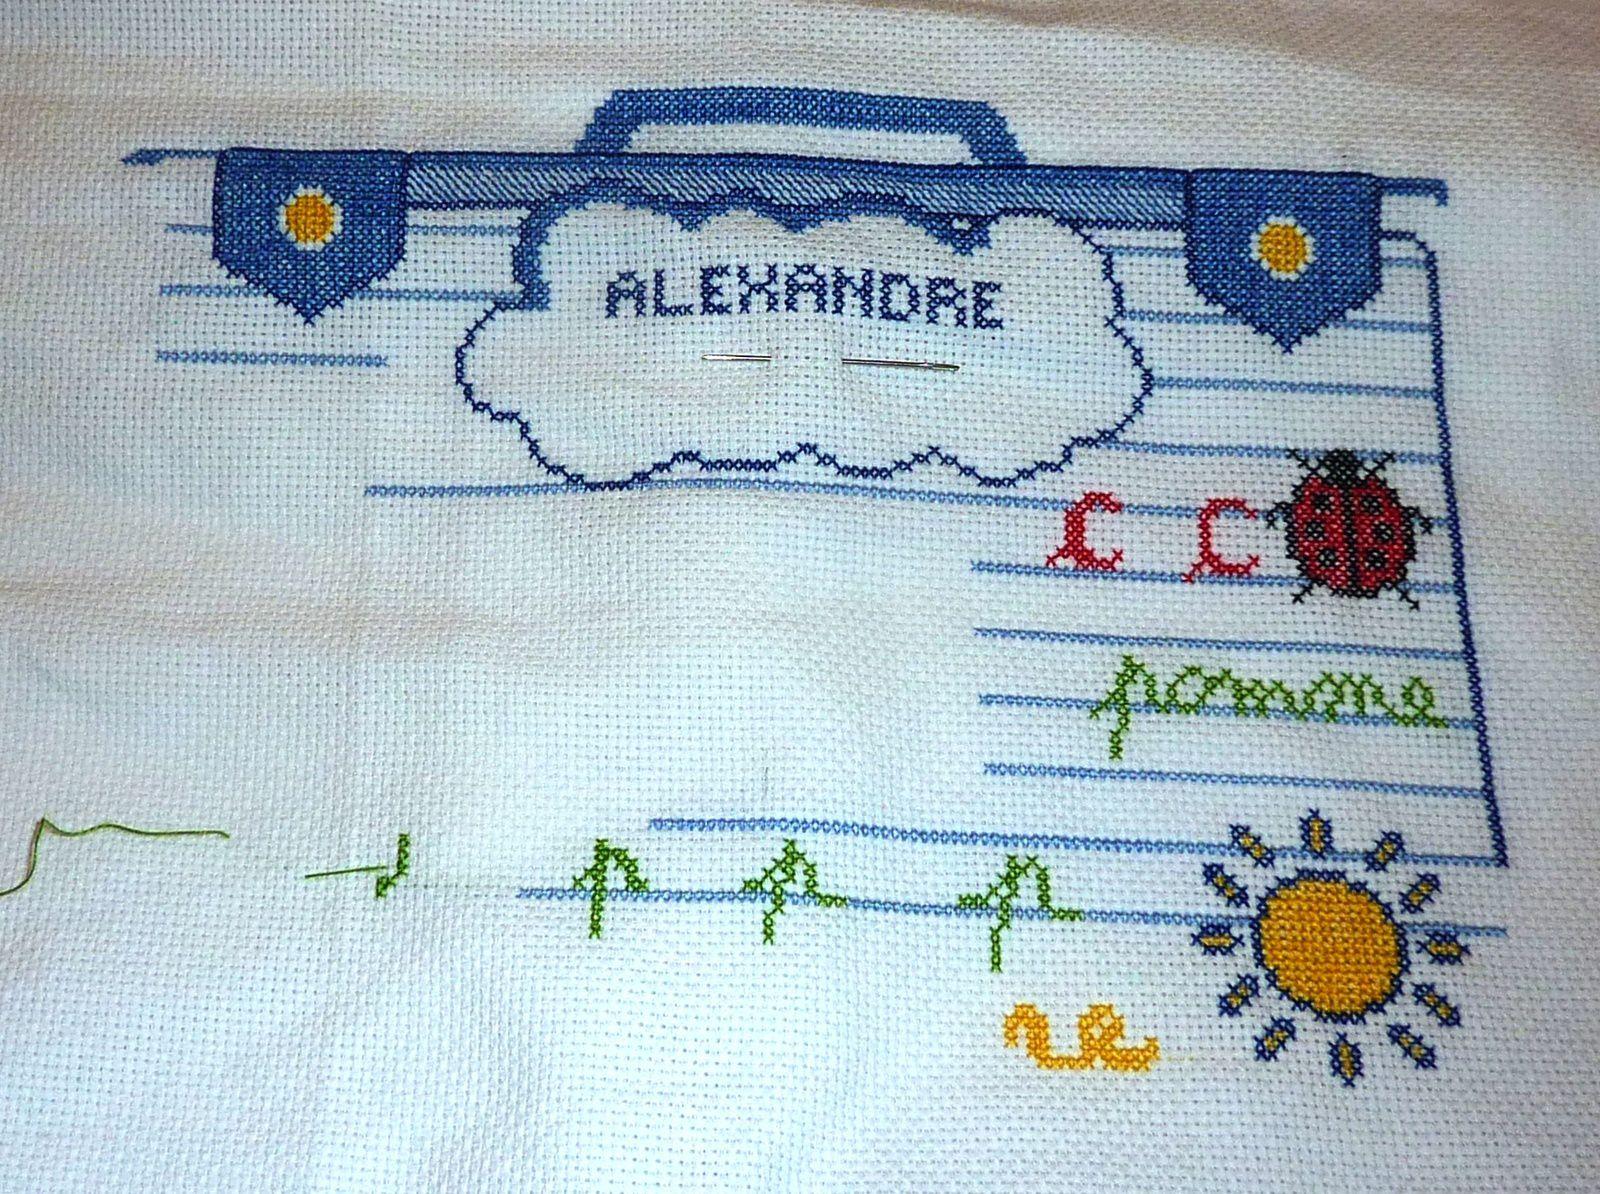 Alexandre entre au... (3)